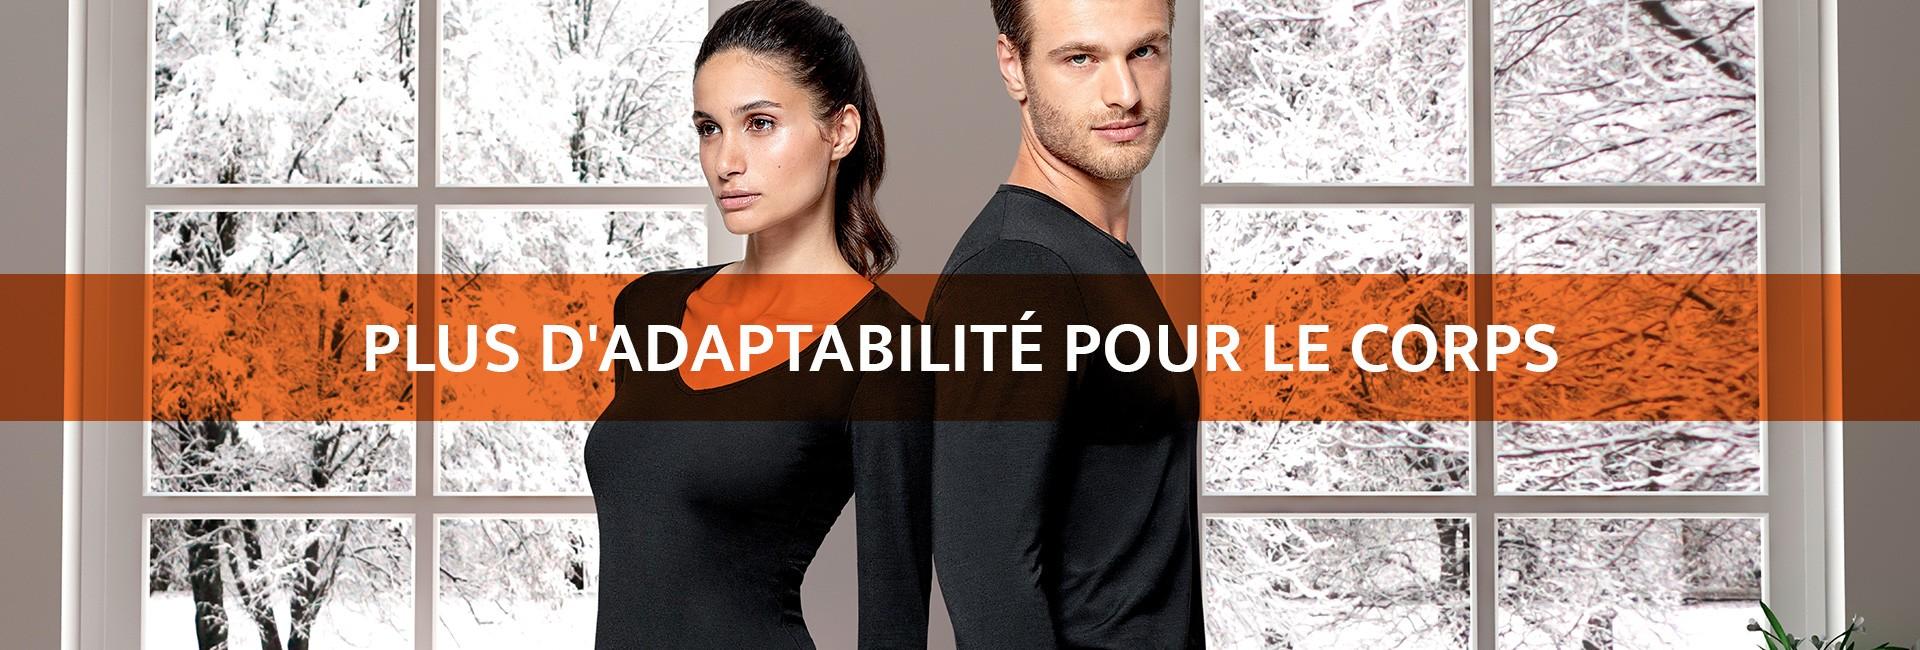 Plus d'élasticité | Plus d'adaptabilité | Plus de mobilité | Plus de confort | Sous-vêtement thermiq_1